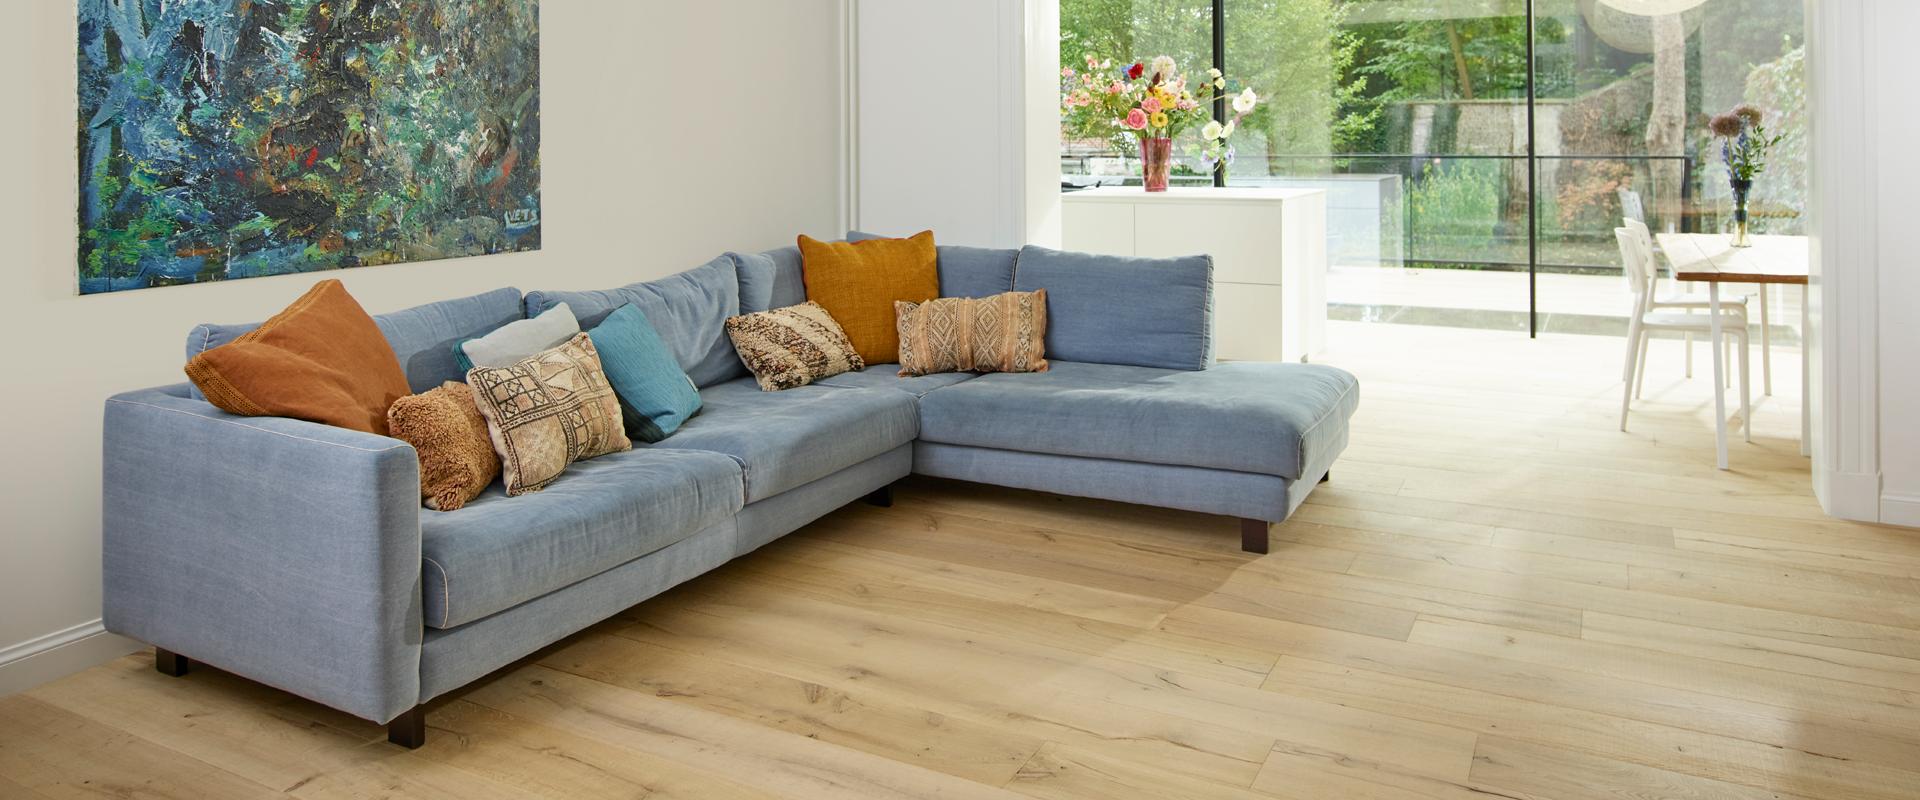 Vloeren in combinatie met vloerverwarming